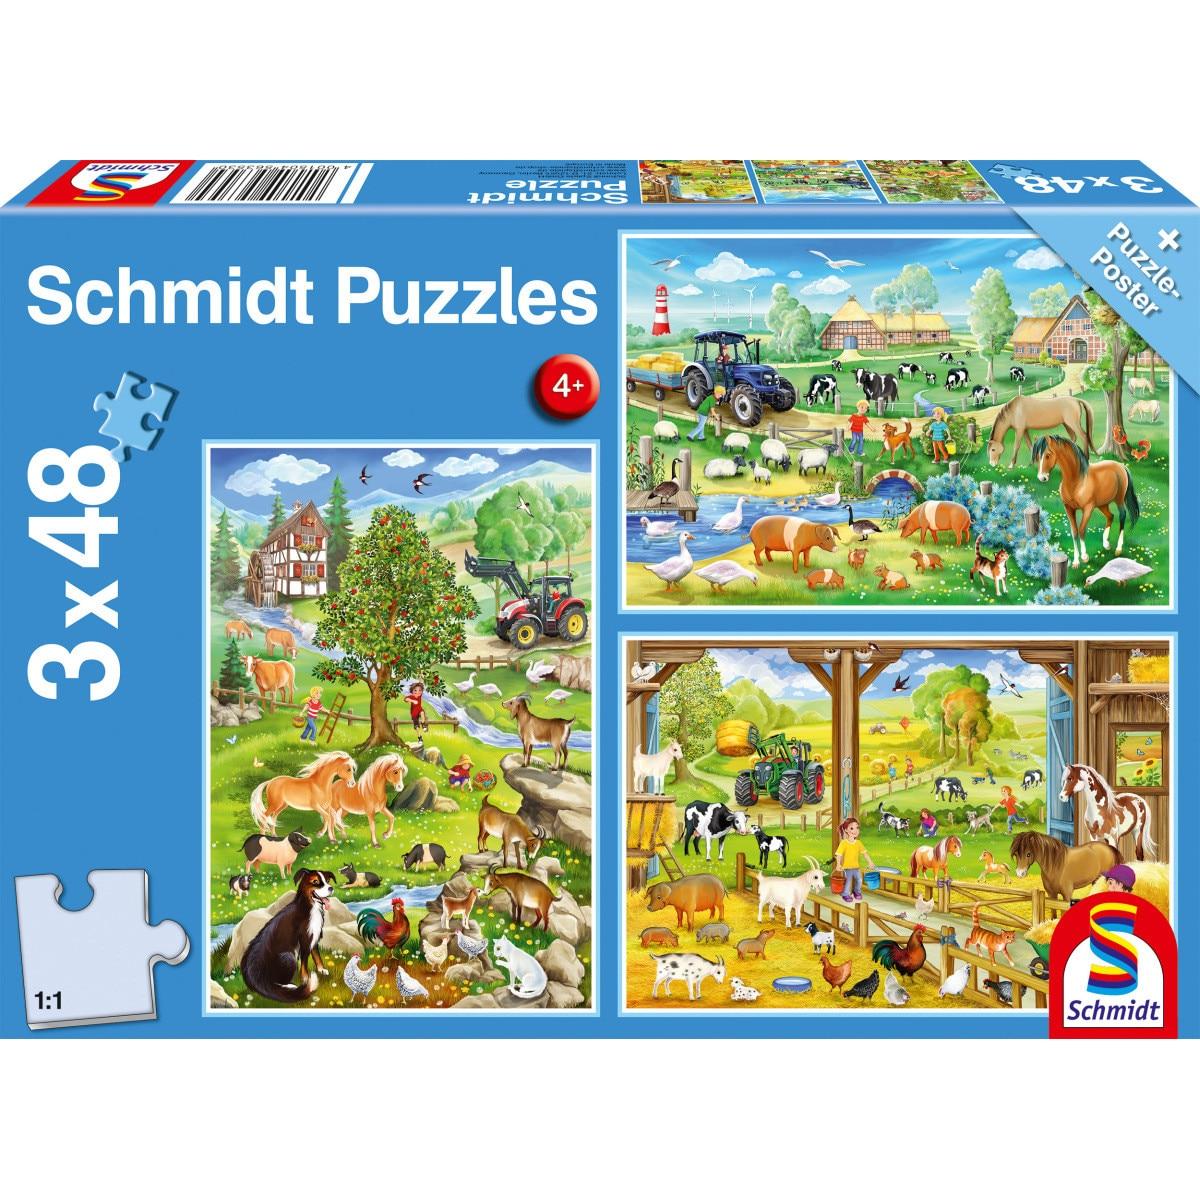 Fotografie Puzzle Schmidt - Bauernhof, 3x48 piese